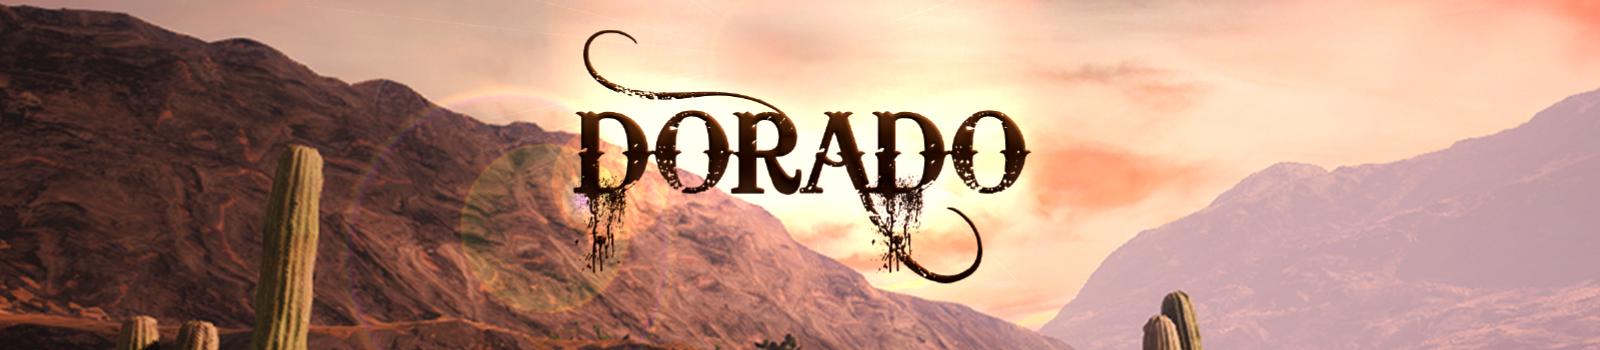 DORADO - Point & Click Escape Room Adventure